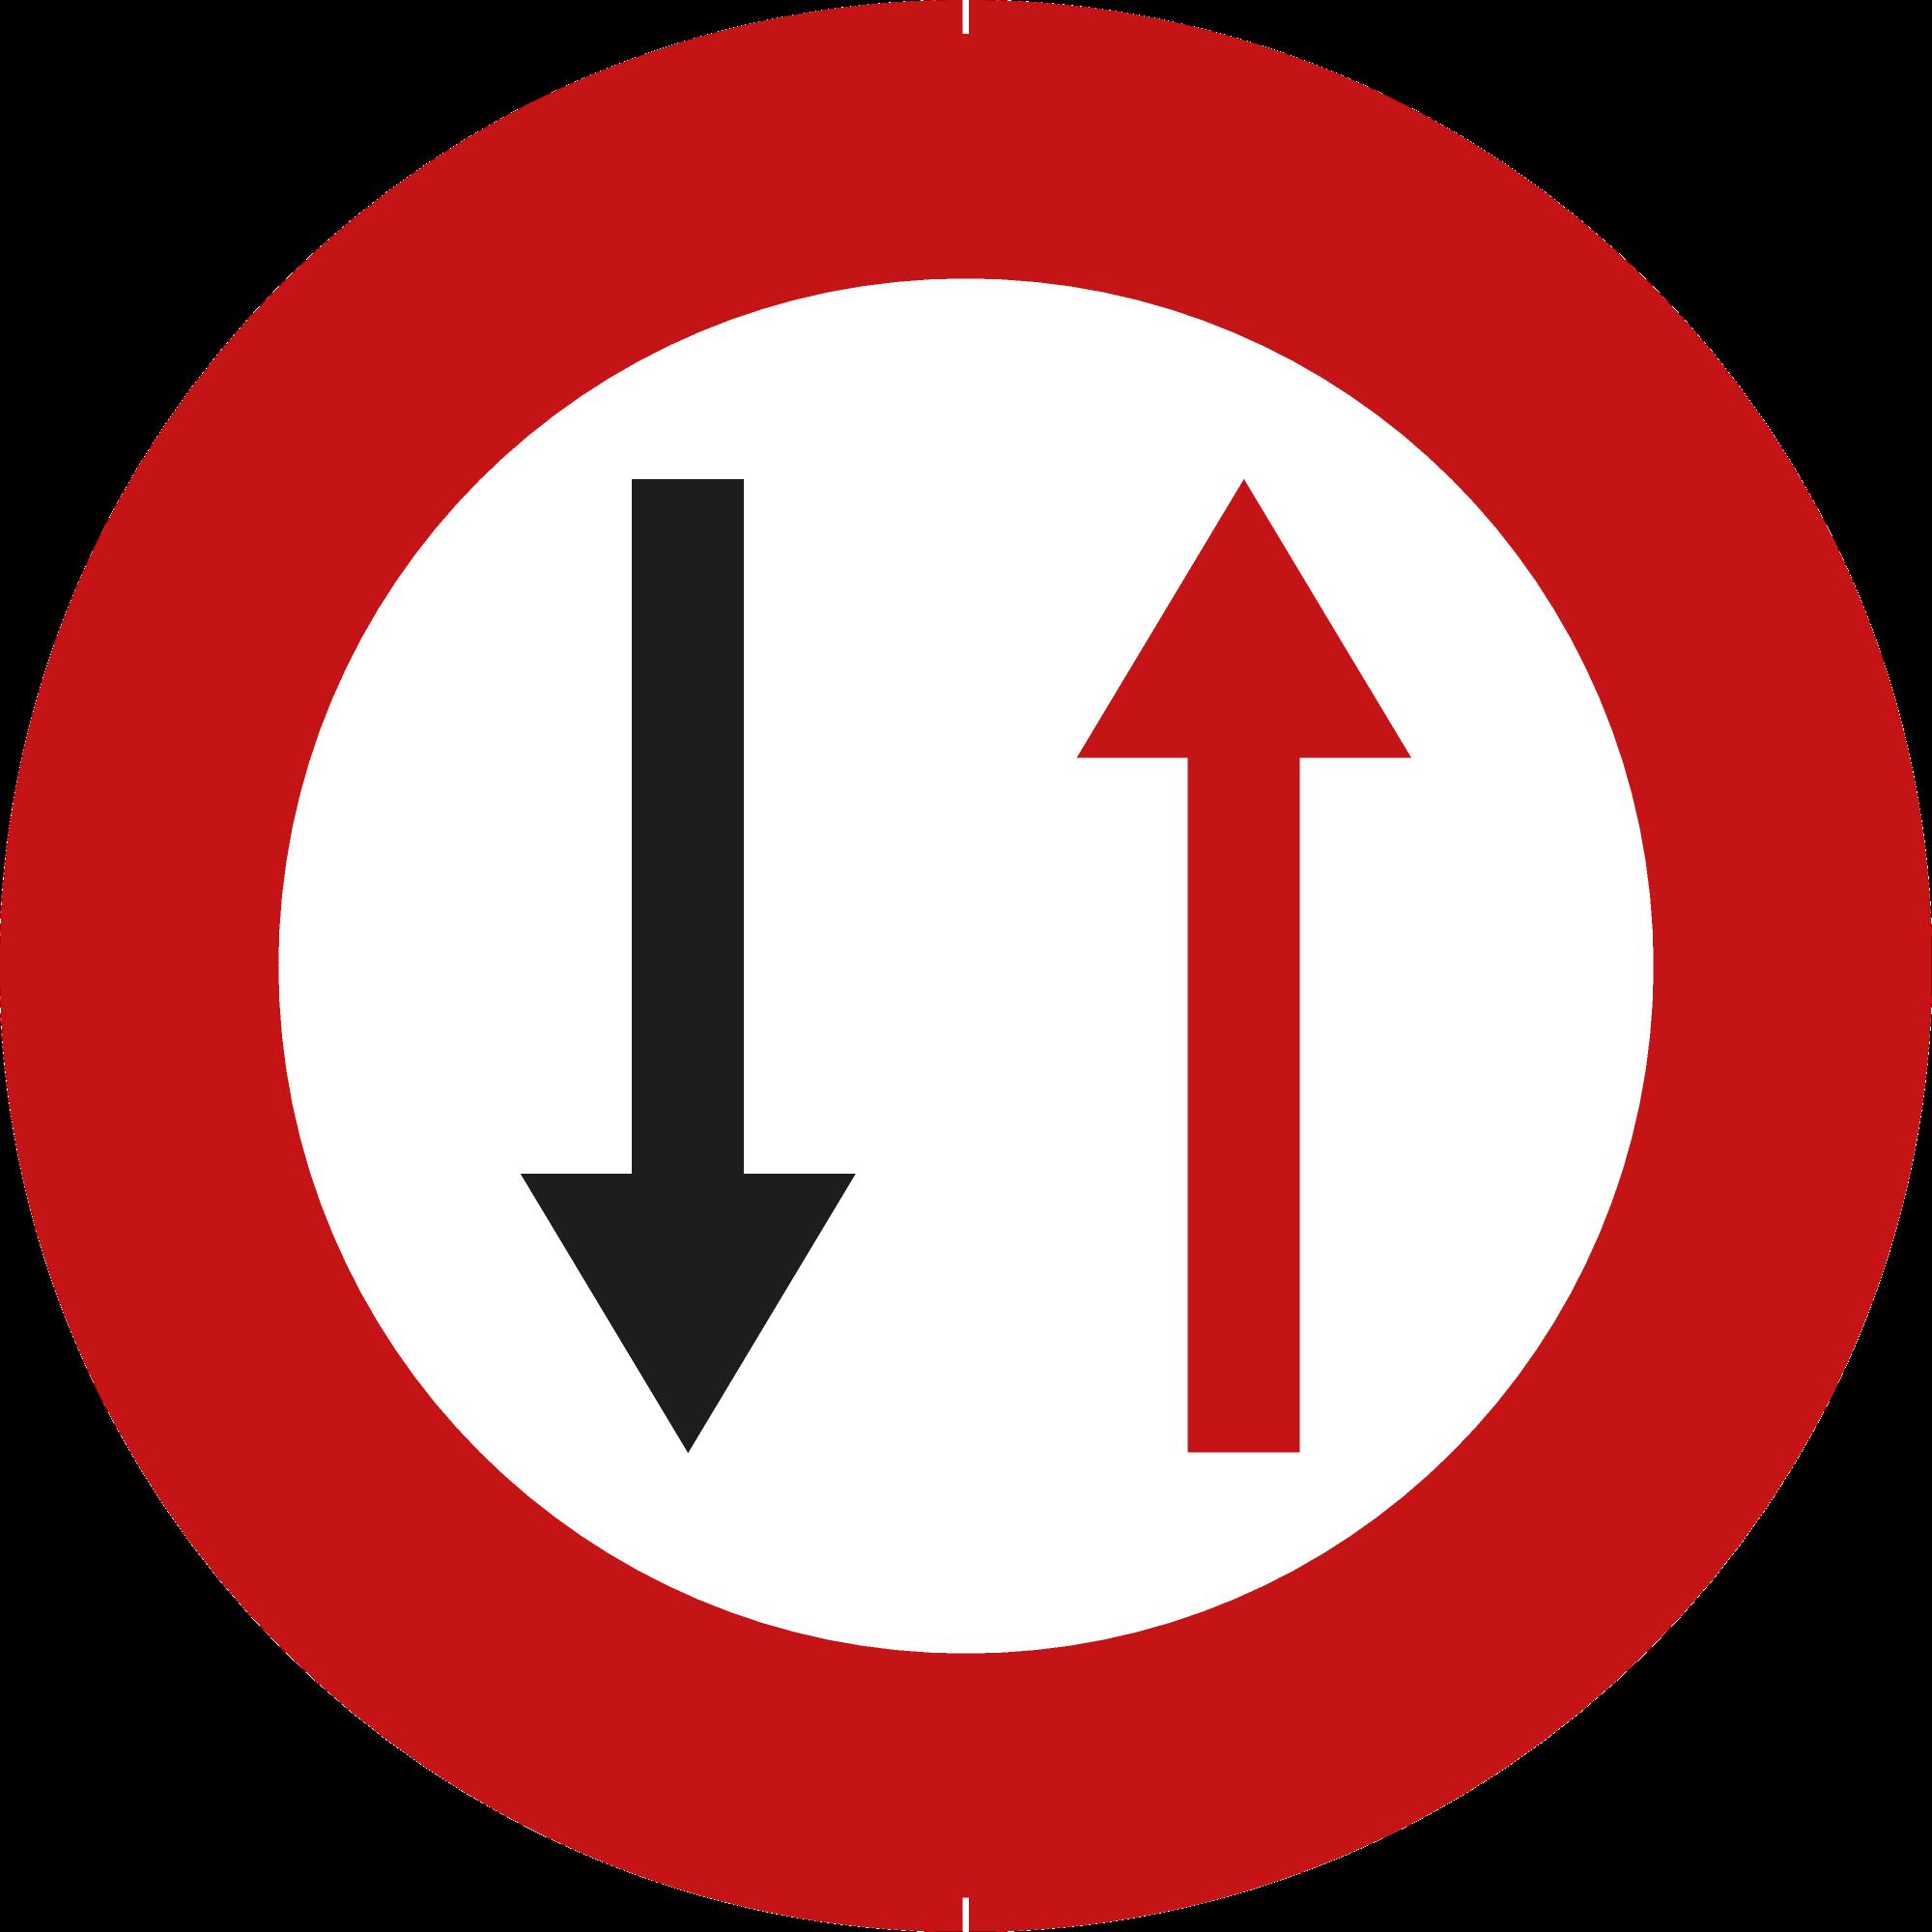 Signface - B19 - klasse  I - Ø 400 mm